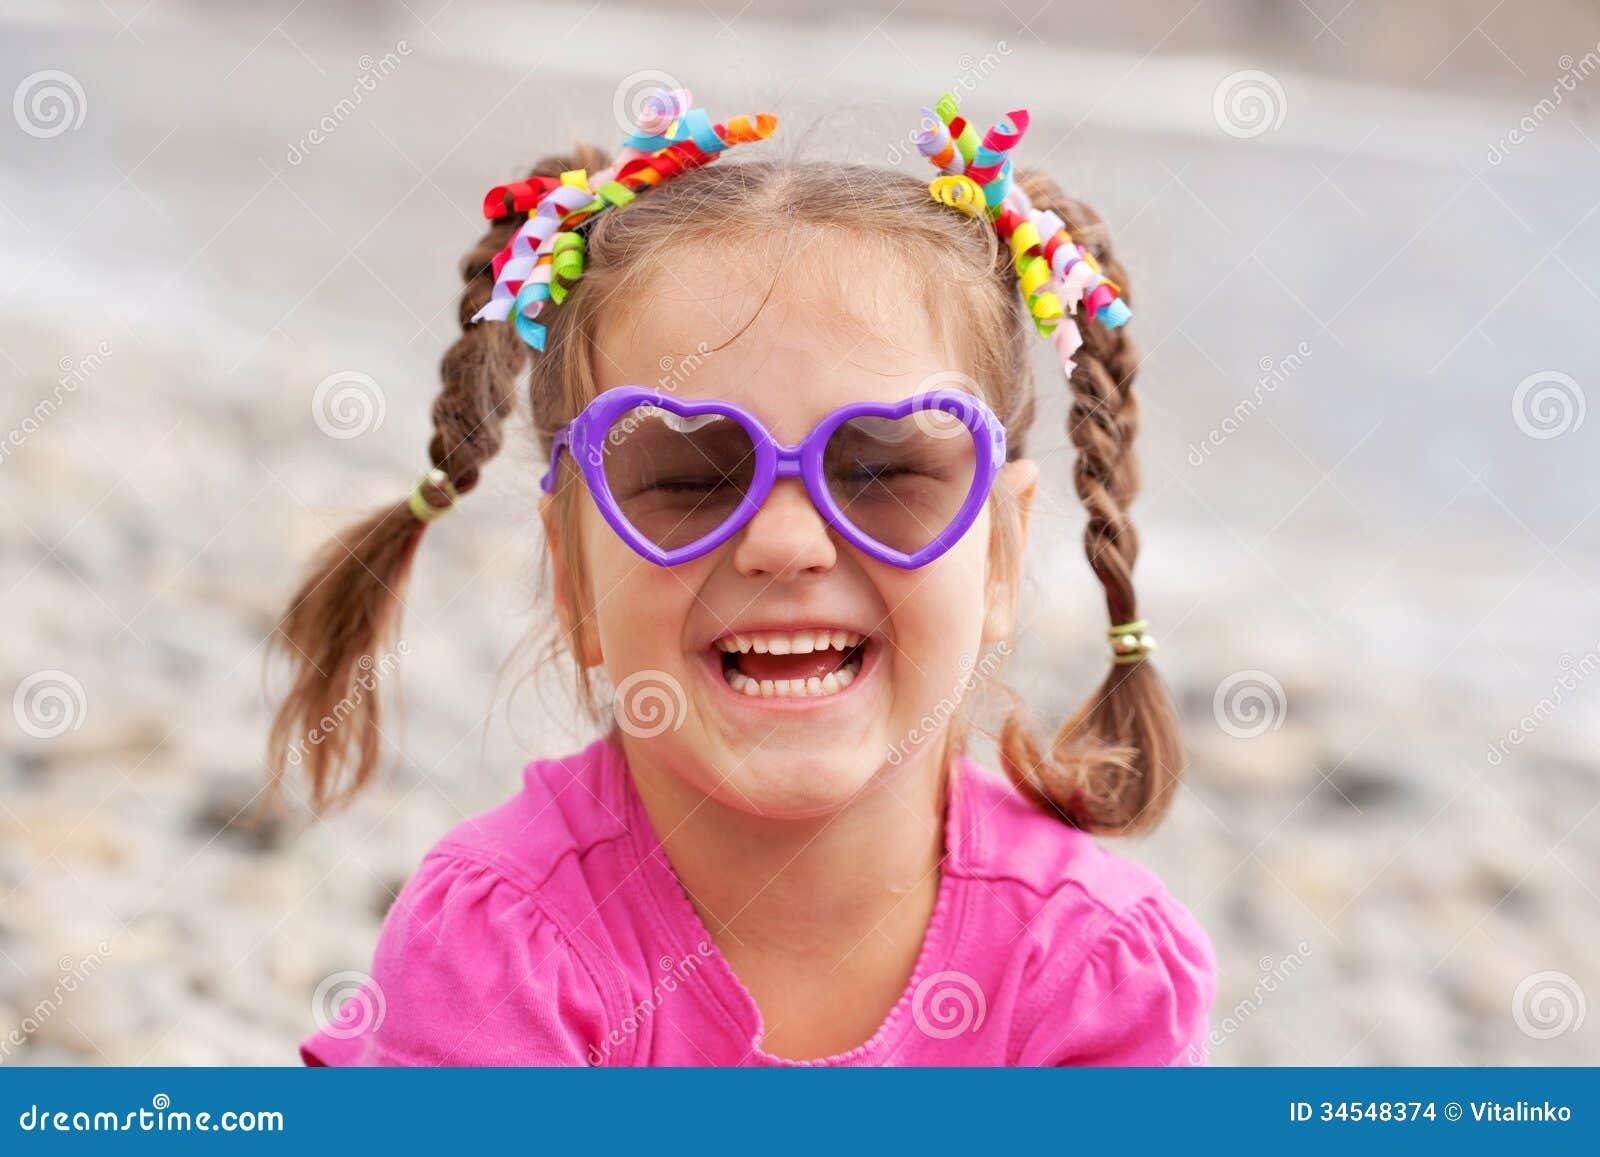 Funny little girl wear...